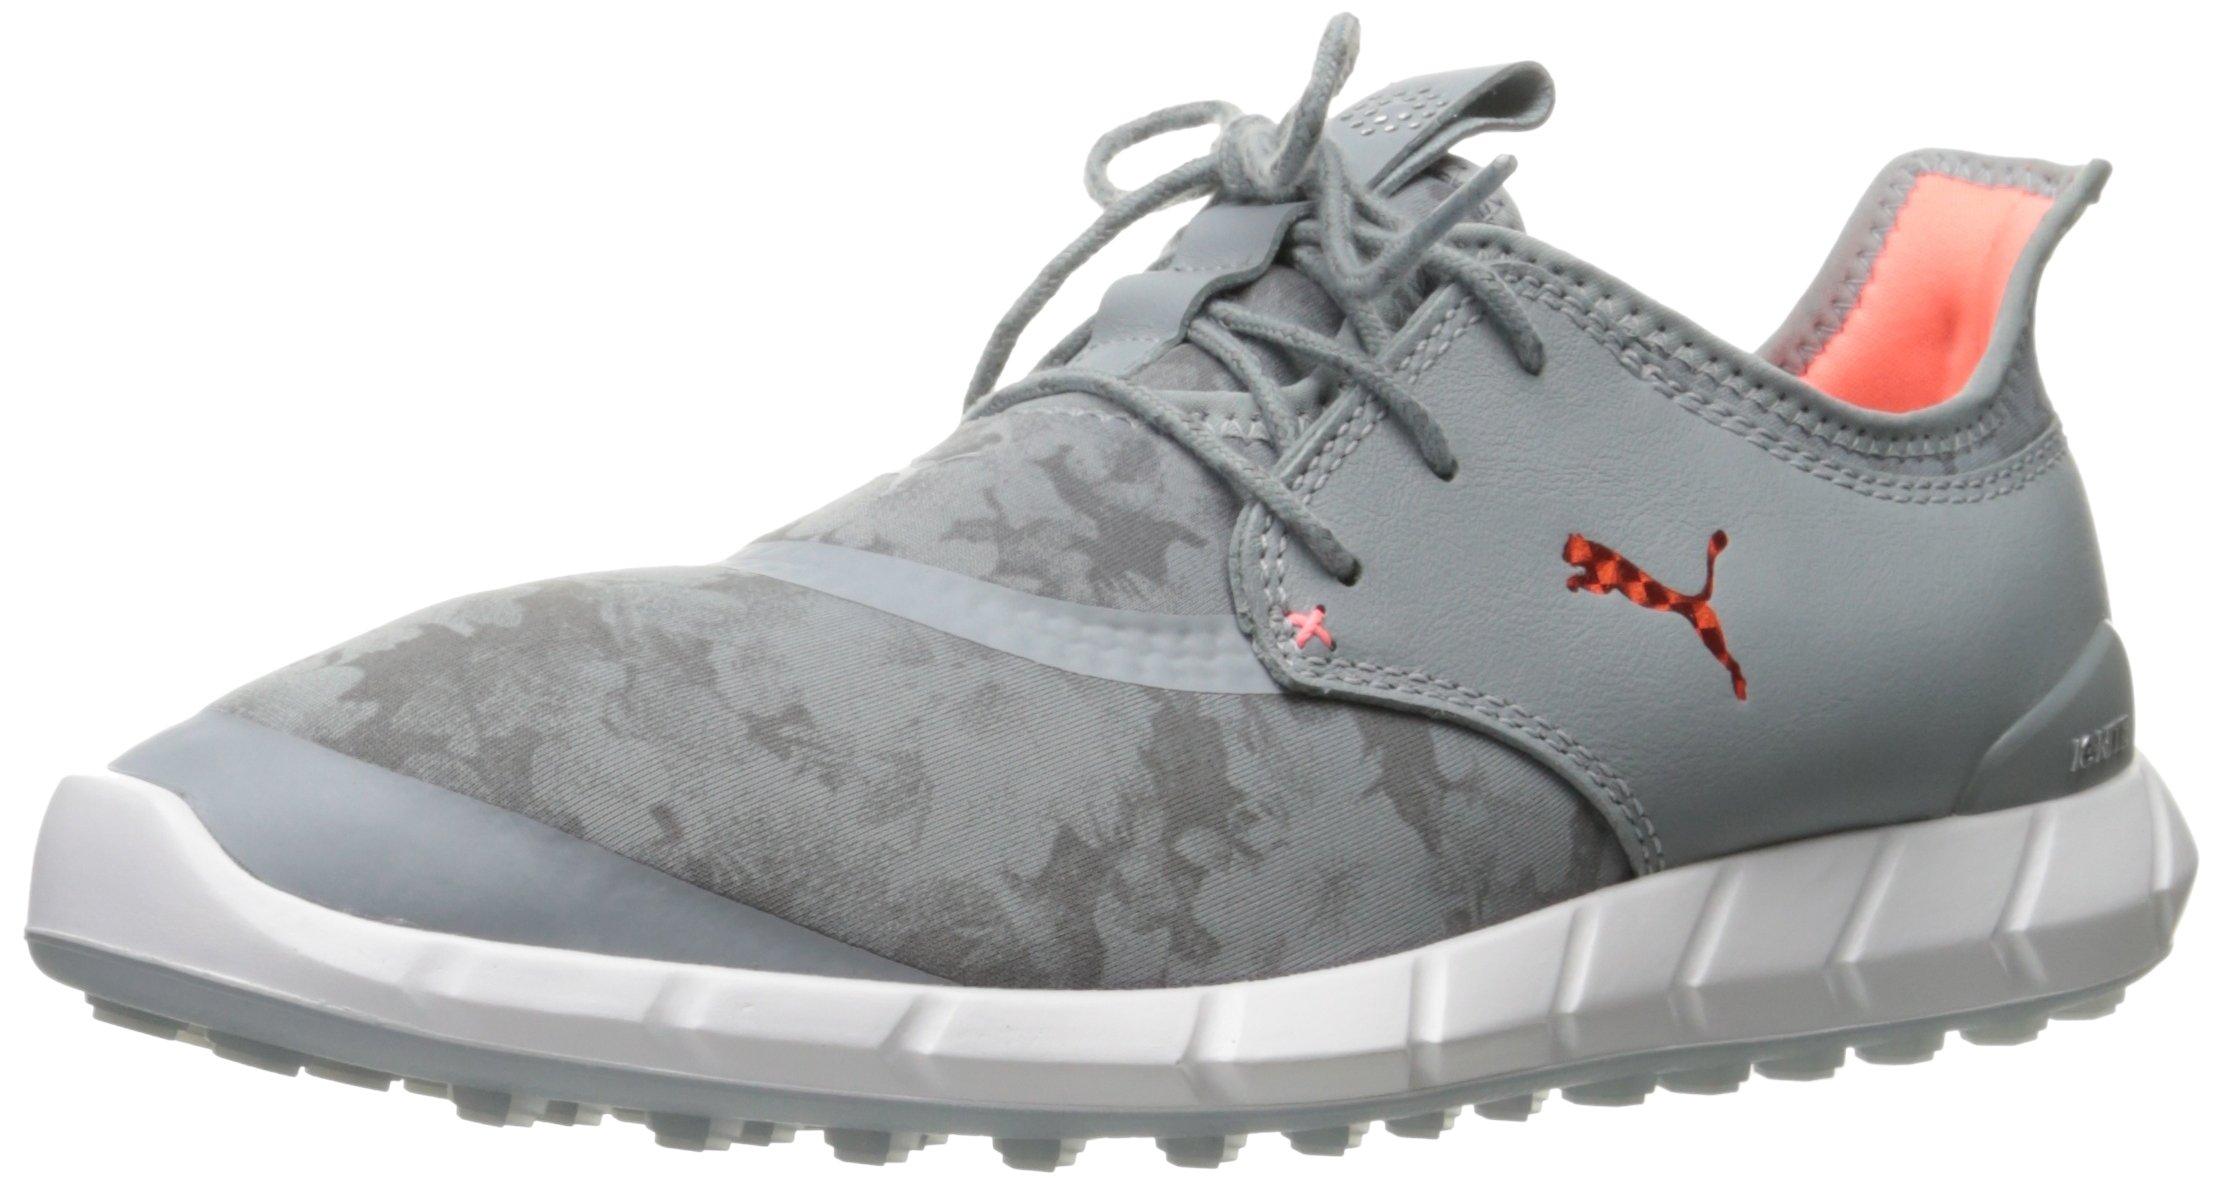 PUMA Golf Women's Ignite Spikeless Sport Floral Golf Shoe, Quarry/Nrgy Peach/Quiet Shade, 8.5 M US